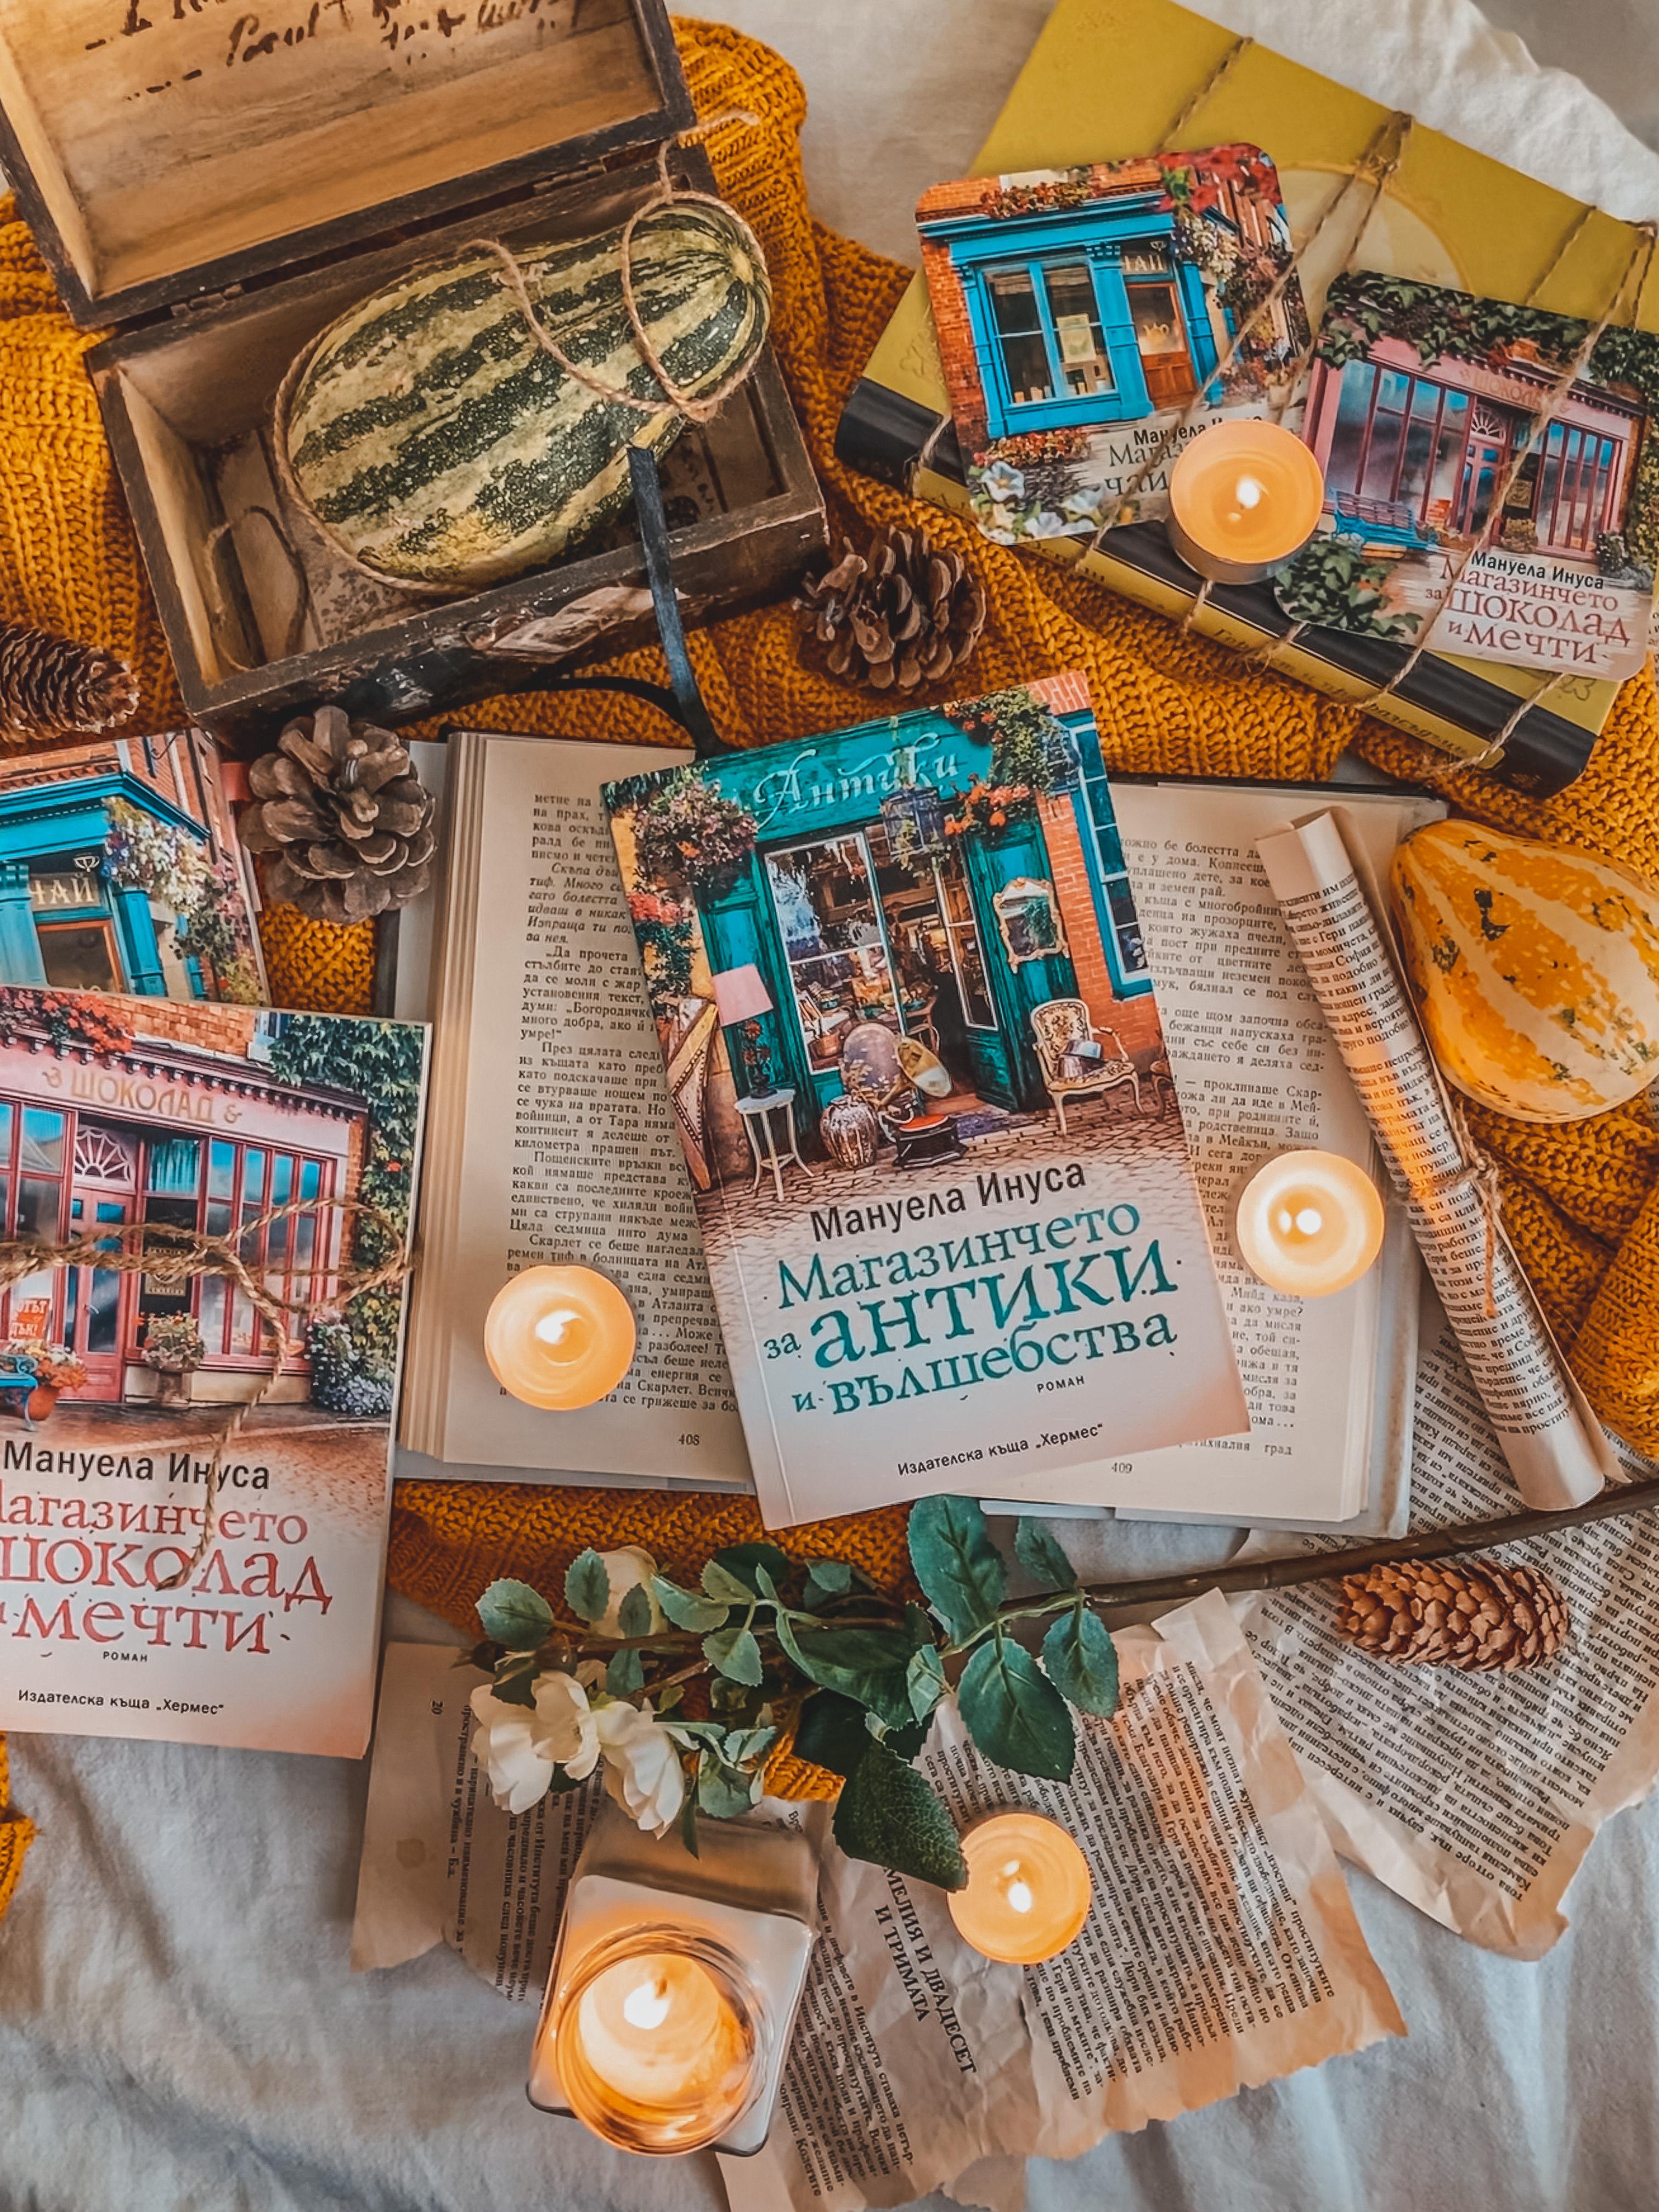 """""""Магазинчето за антики и вълшебства"""" – история за уют в студени дни от Мануела Инуса"""